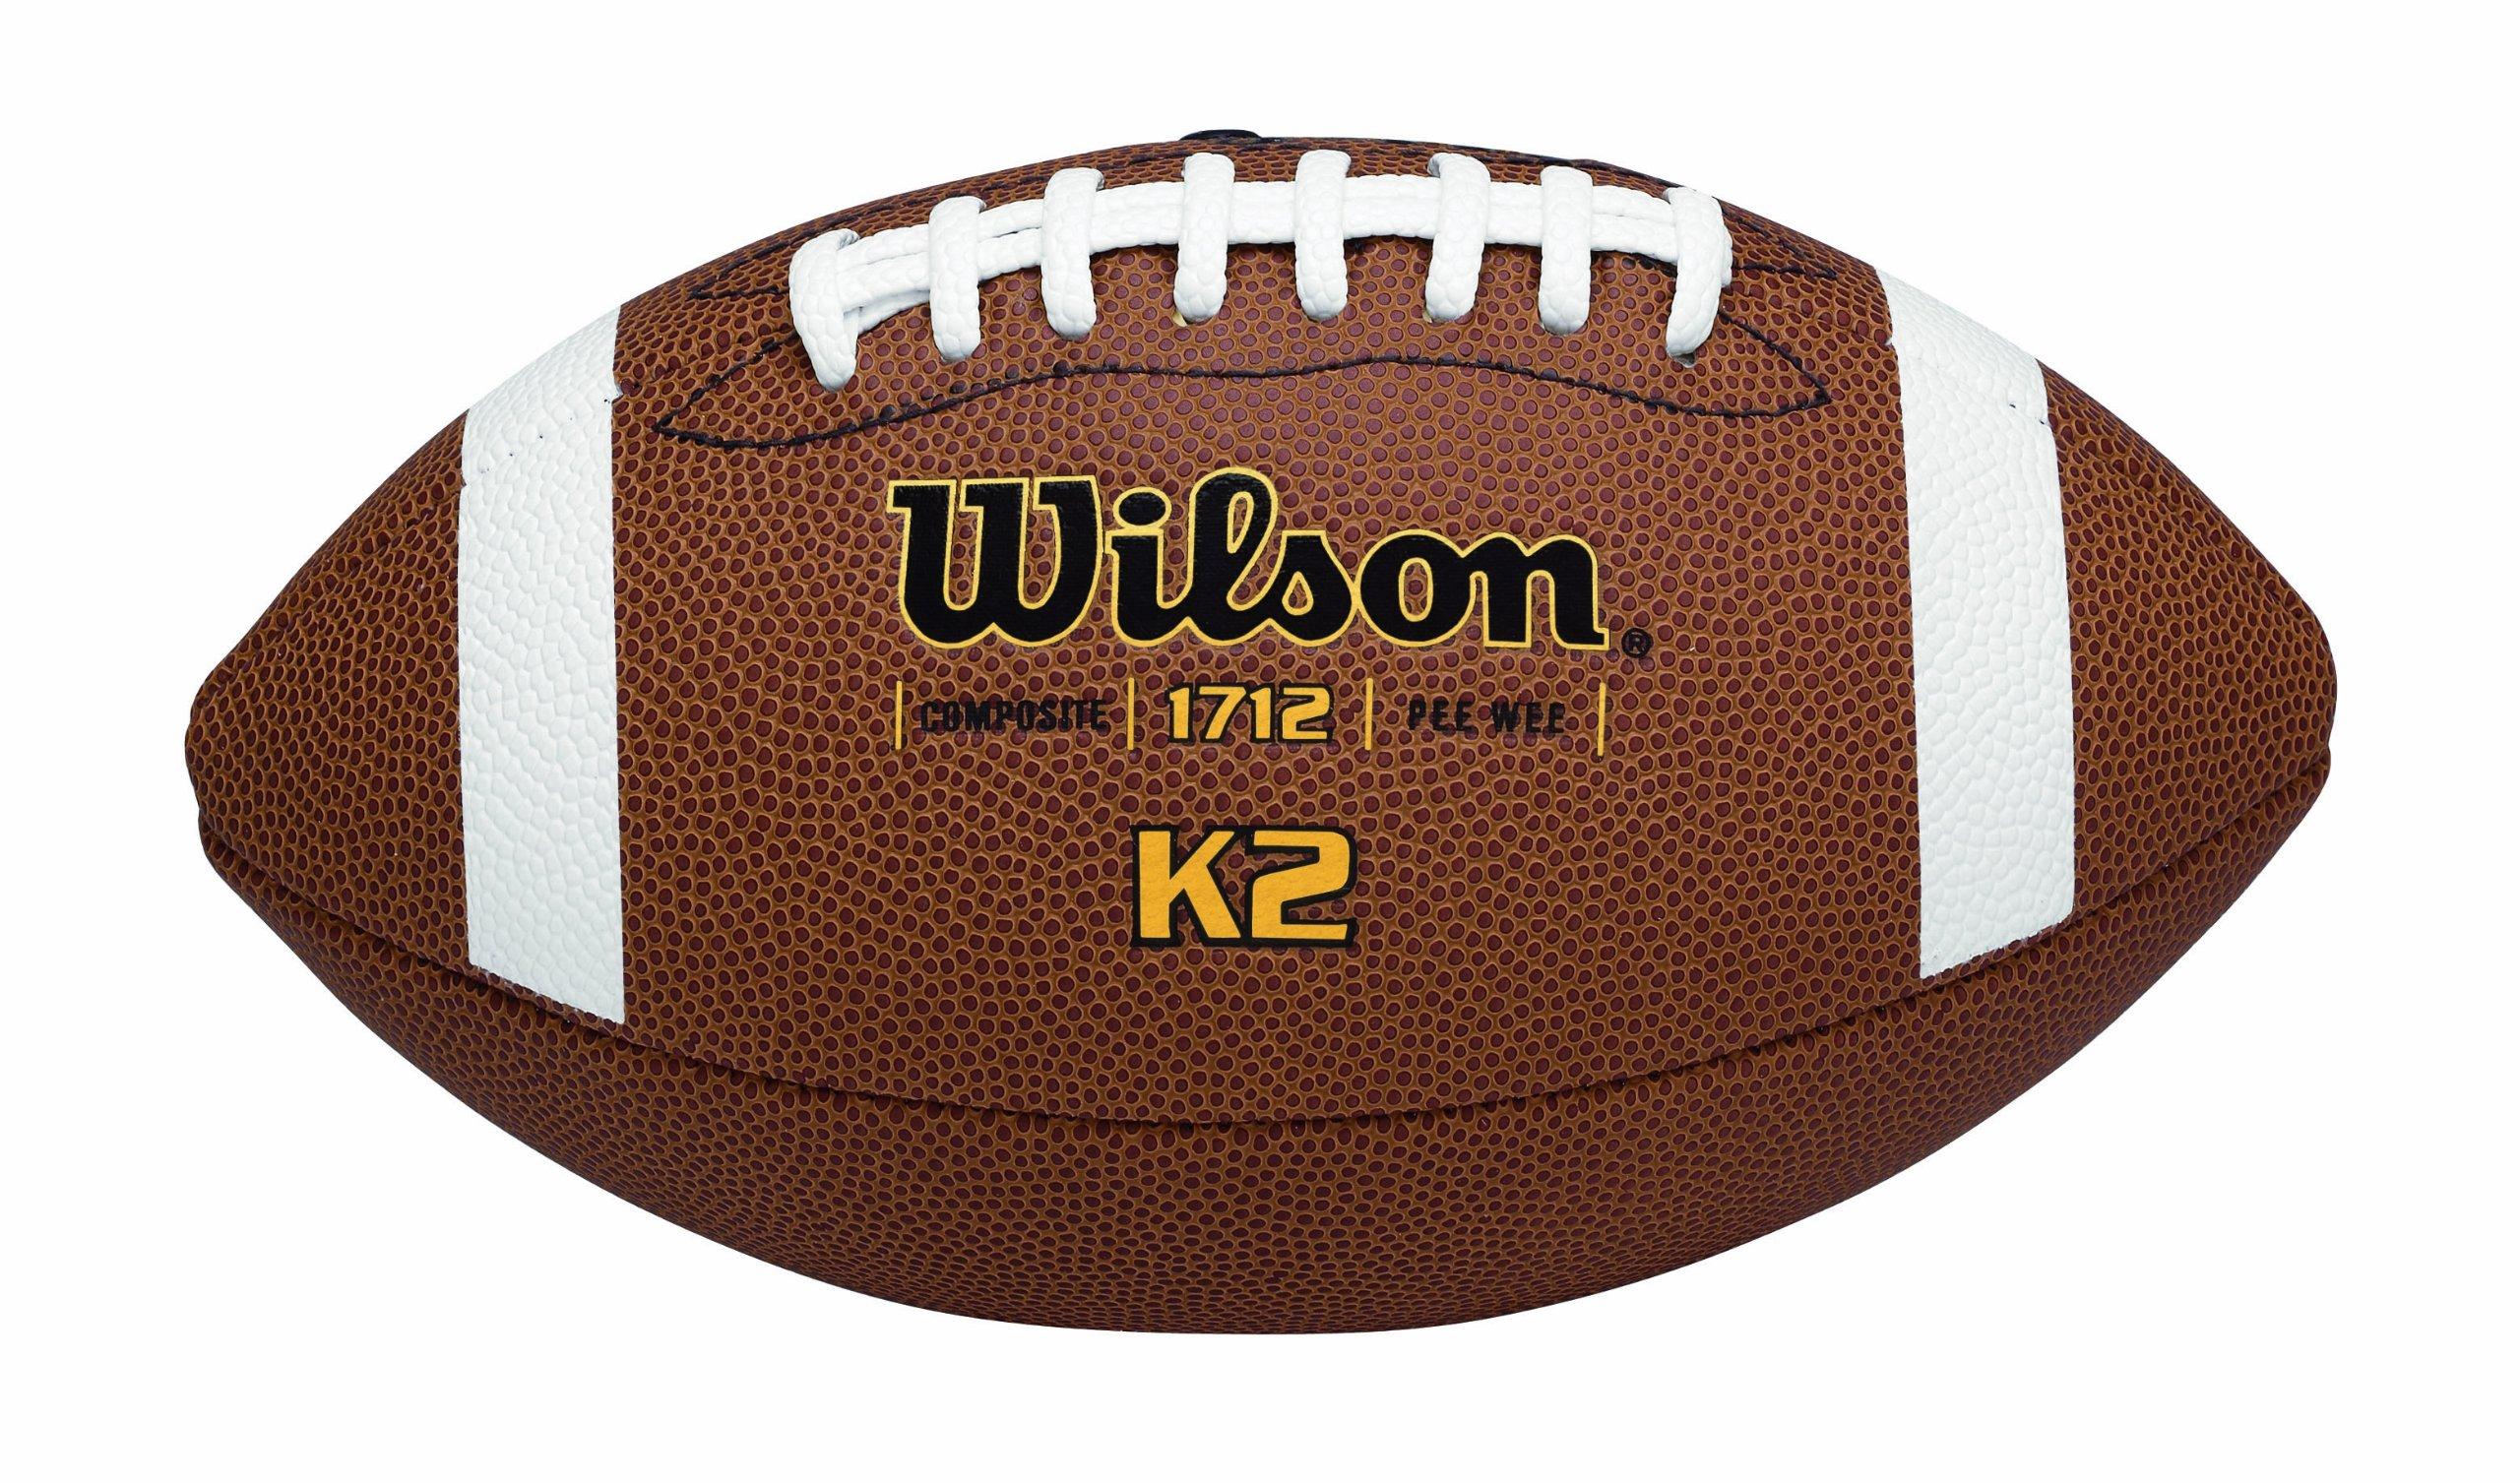 Wilson K2 Composite Football - Pee Wee